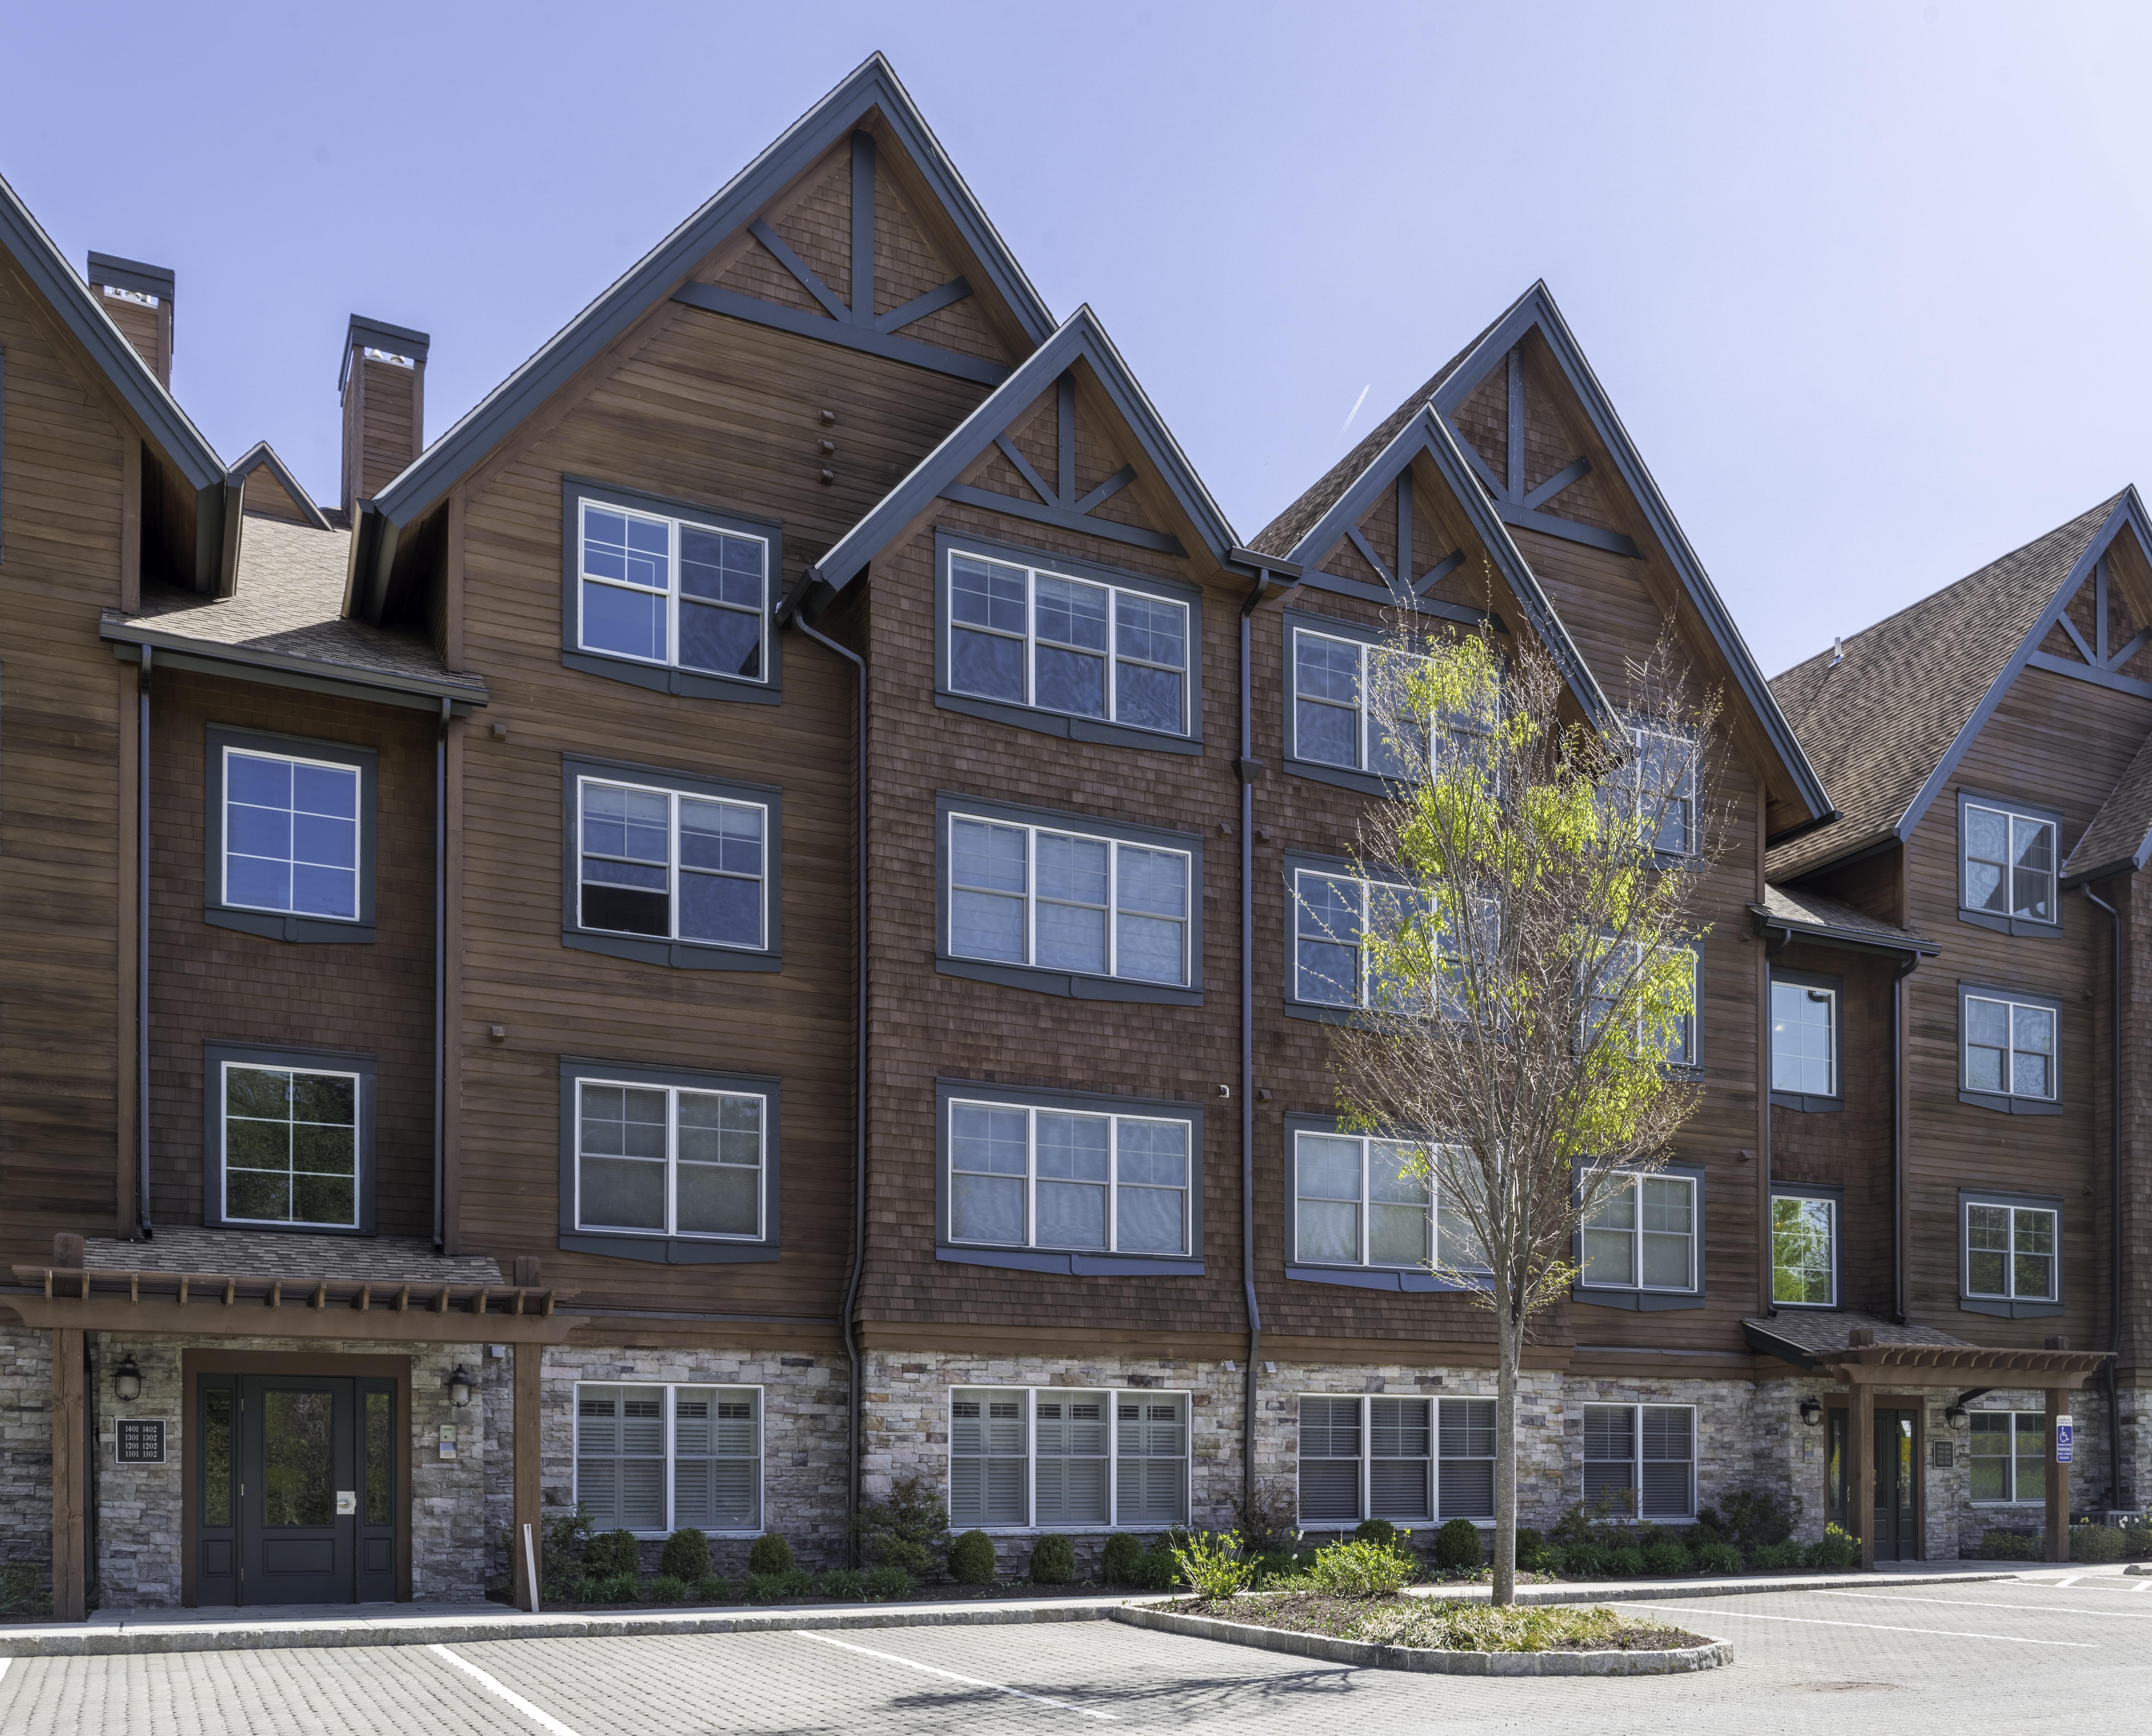 Stadthaus für Verkauf beim Candlewood Lake Direct Waterfront 16 Hayestown Road A401 Danbury, Connecticut, 06811 Vereinigte Staaten